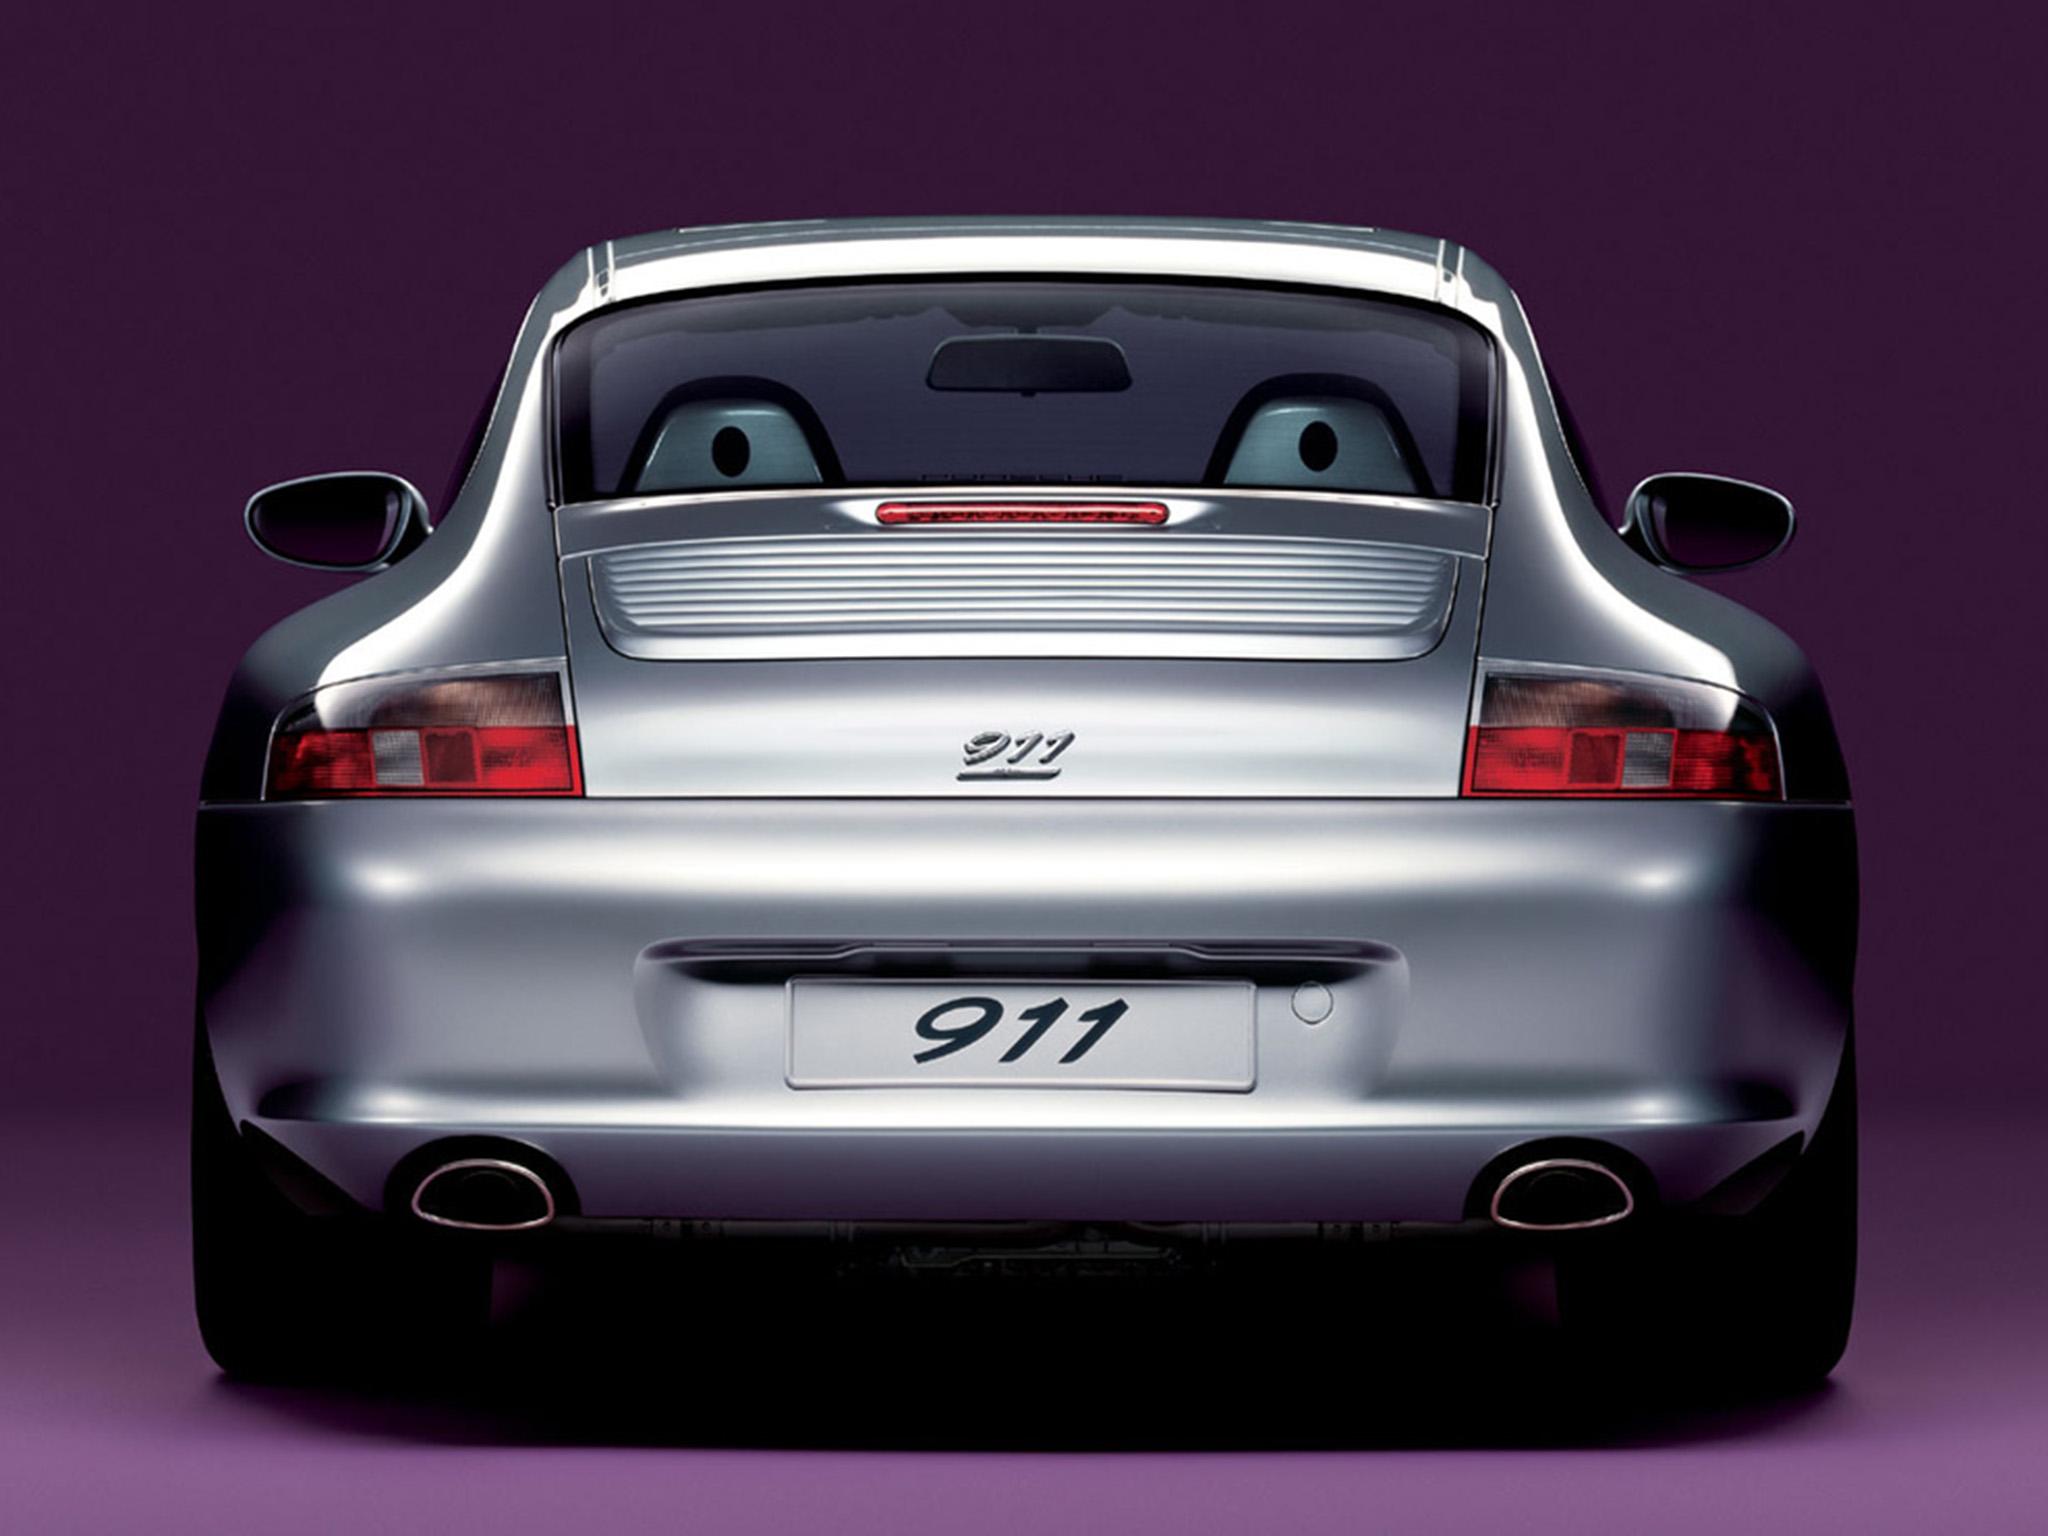 Porsche 911 996 rear